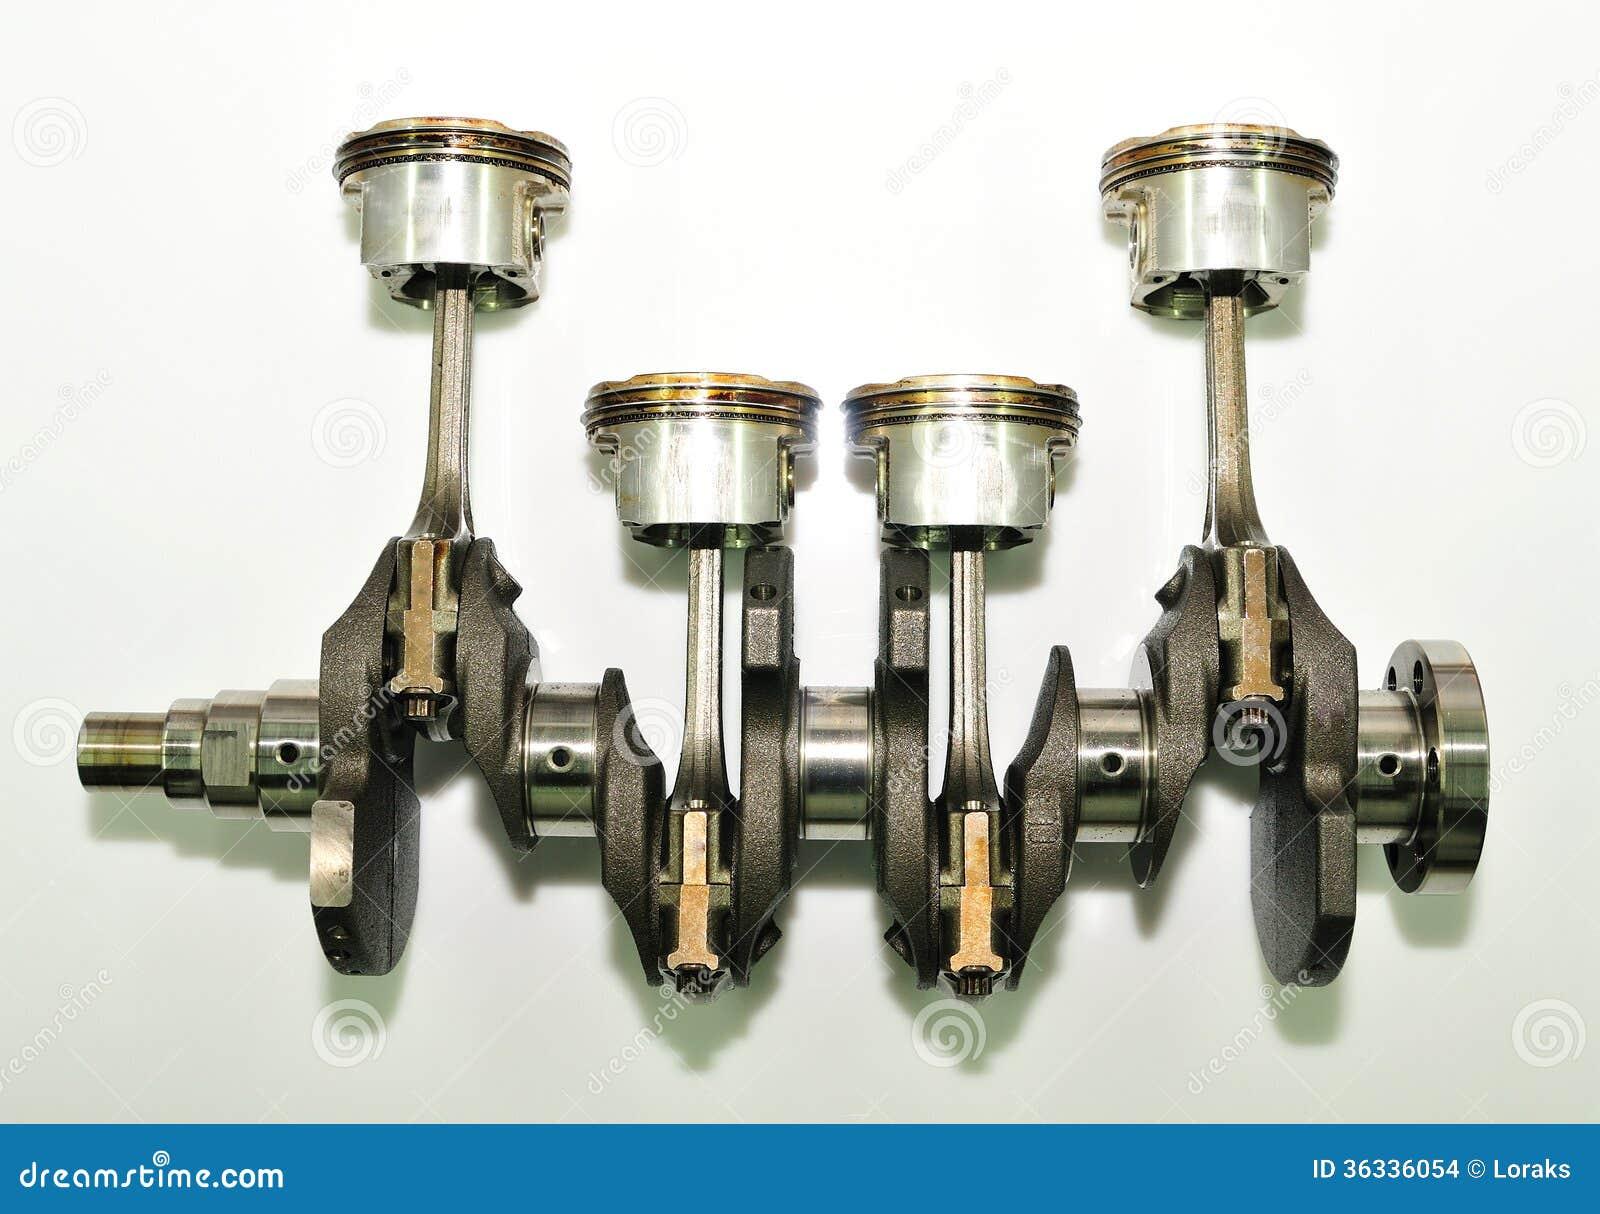 Engine Camshaft Design